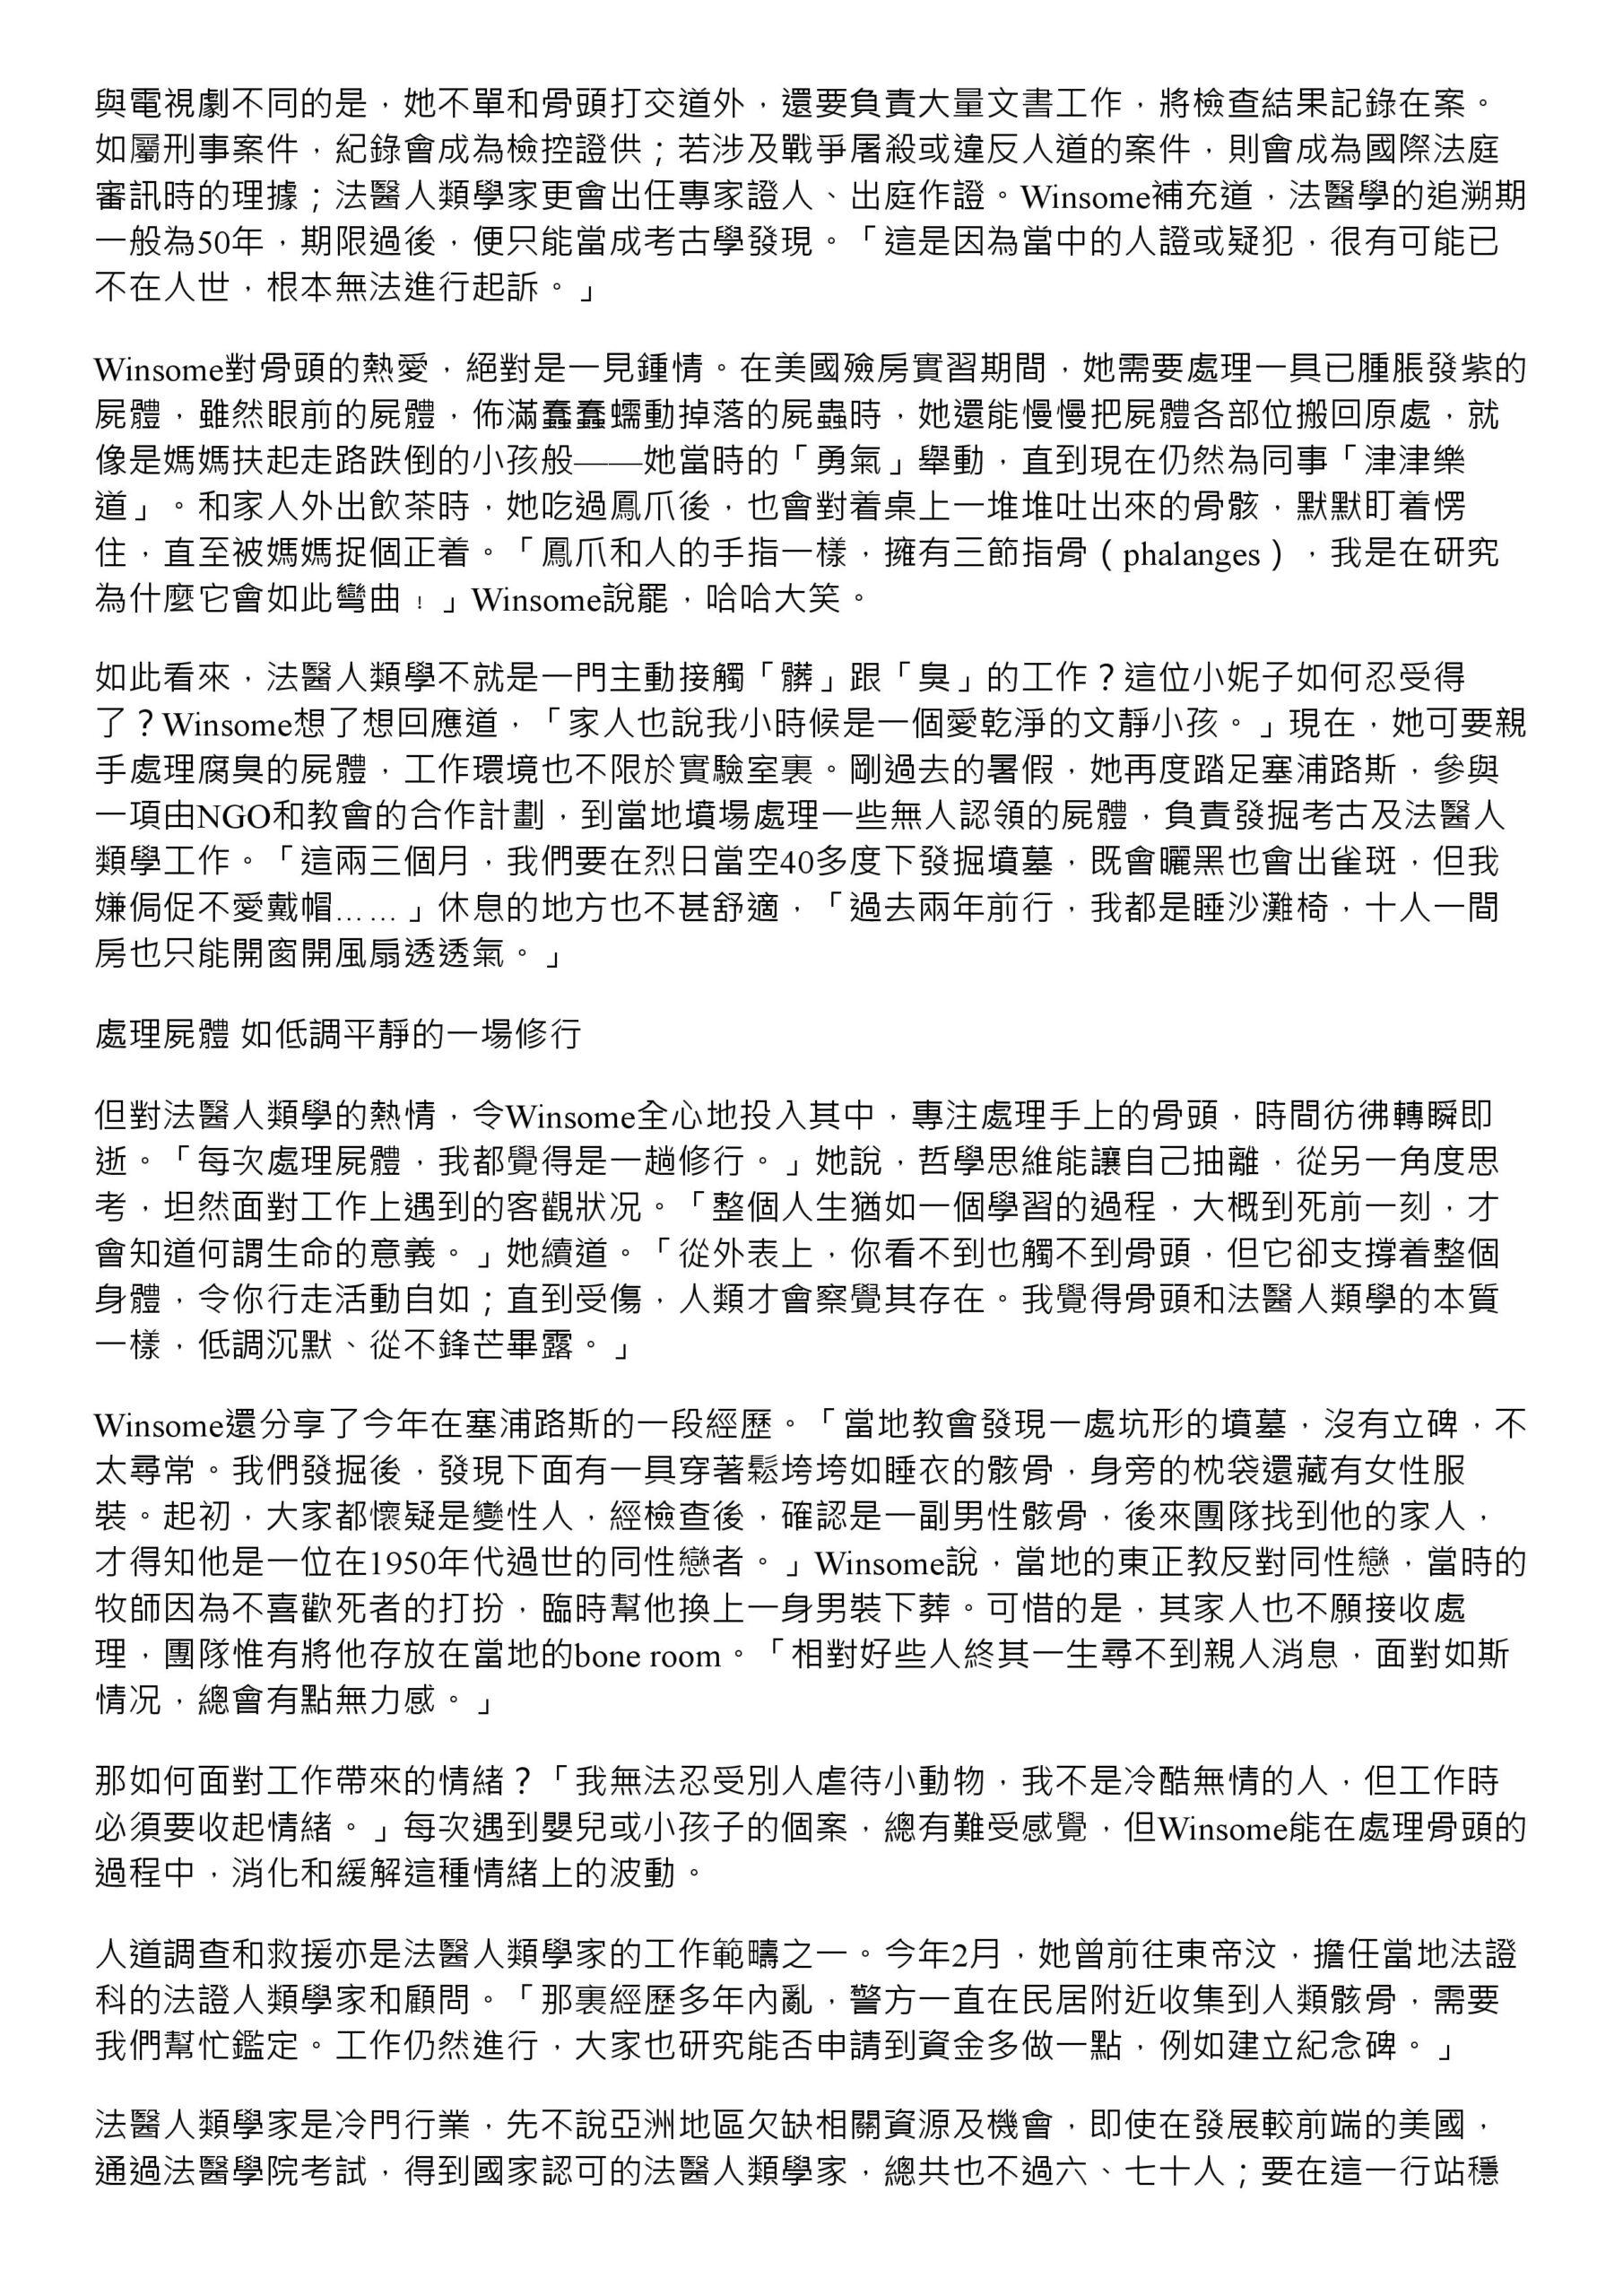 法醫人類學 為亡者尋回身分 李衍蒨跟腐屍和人骨打交道-page-002